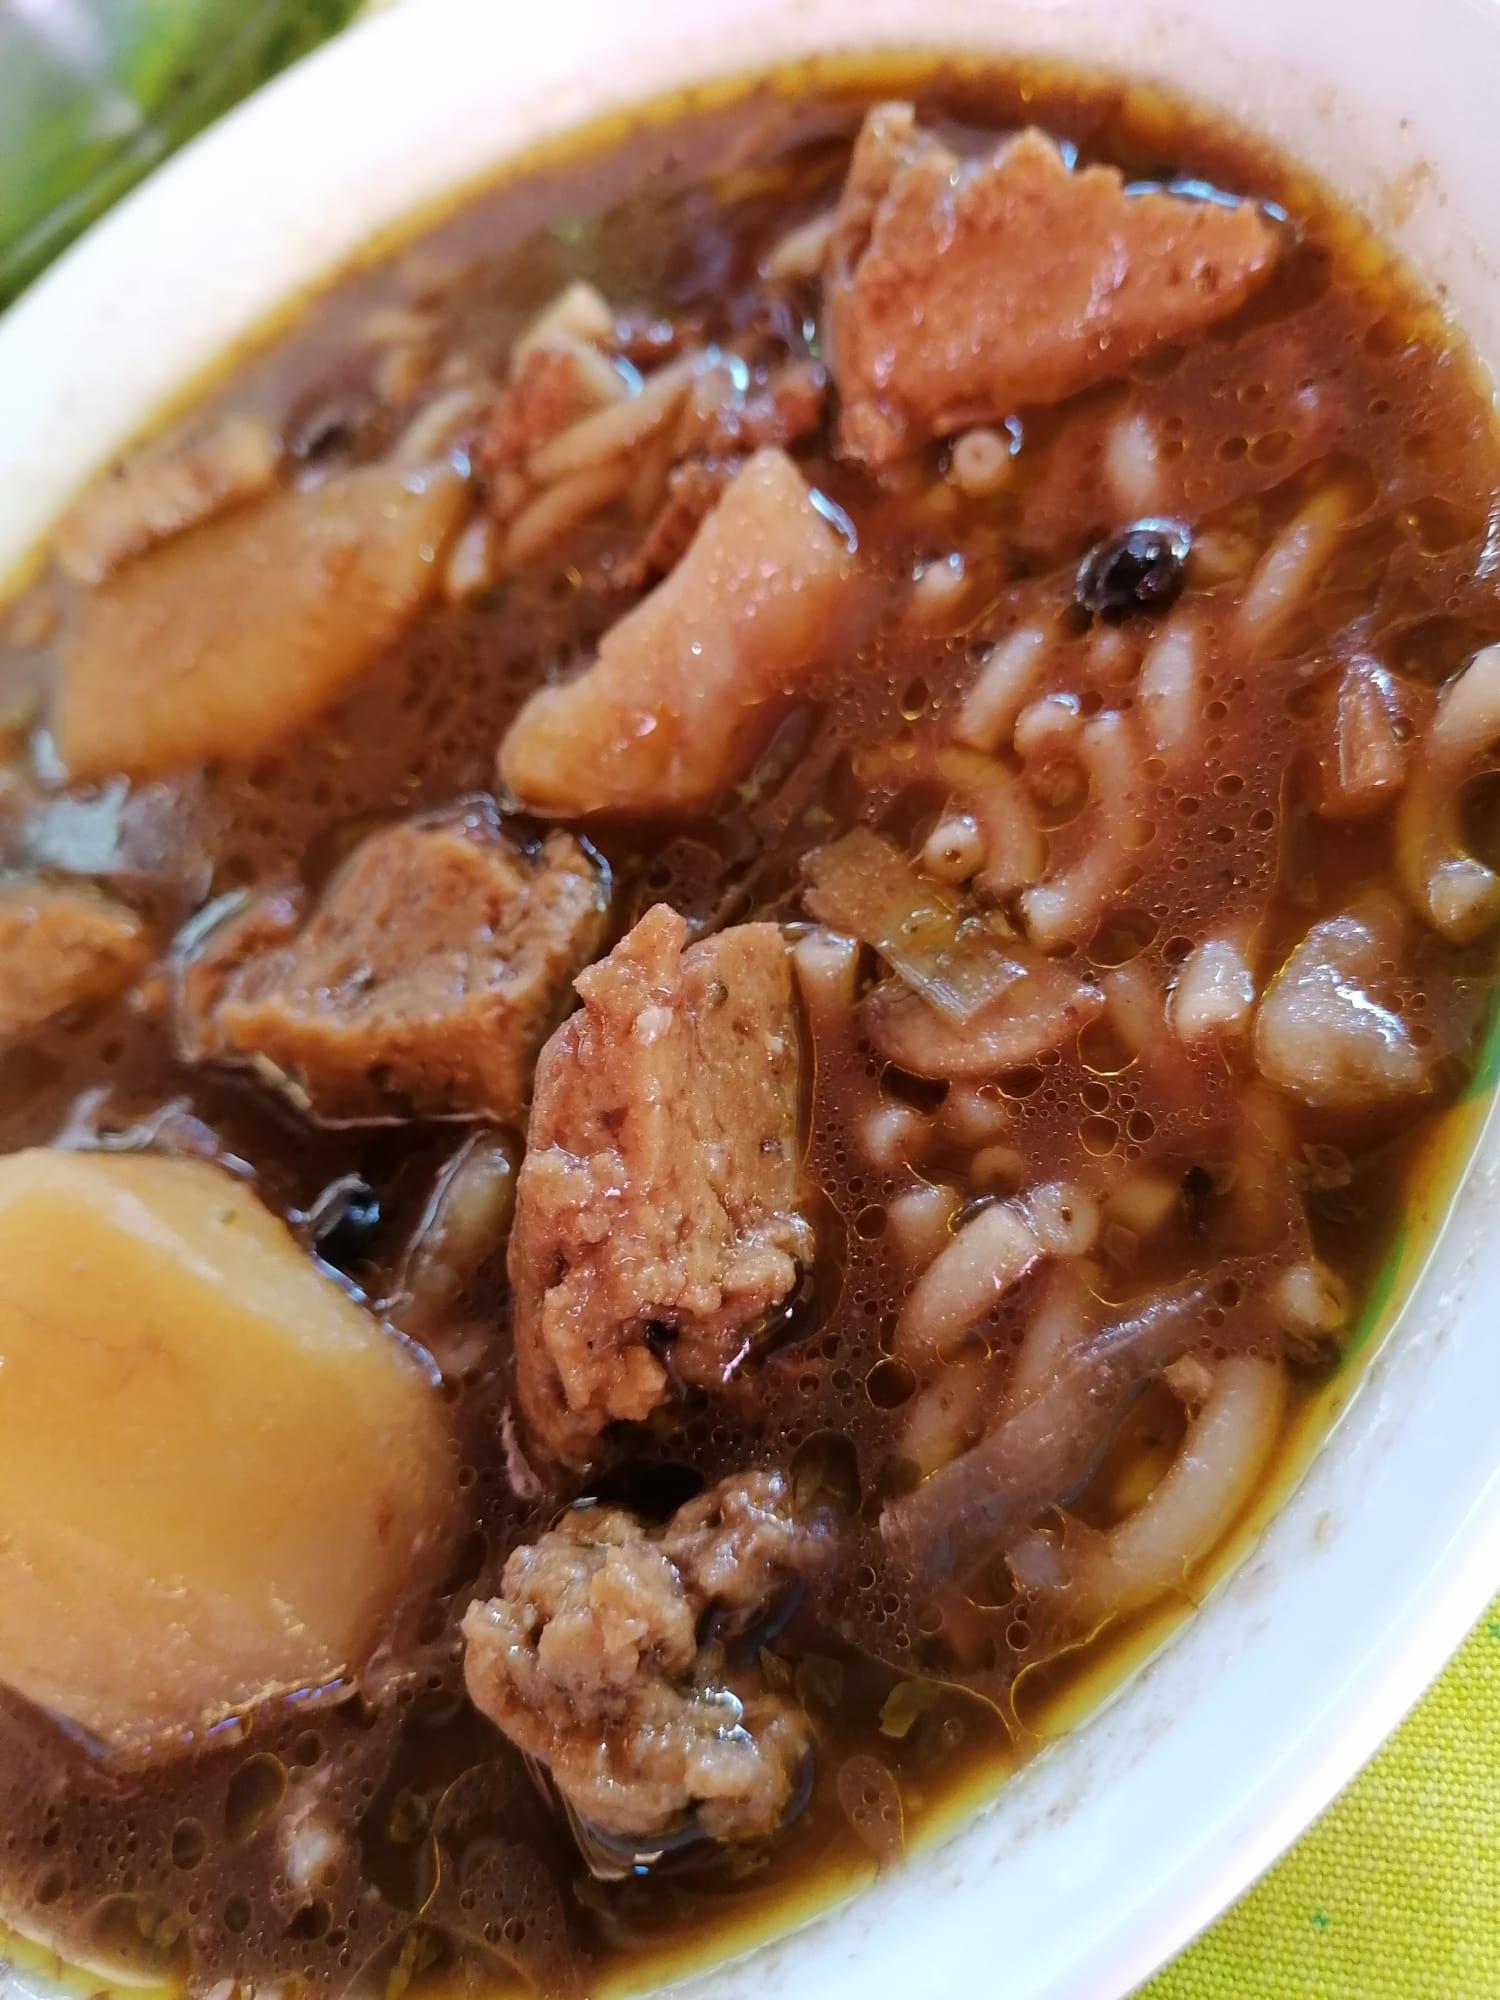 plato del guiso cartagenero veganizado con patatas, seitán y pasta